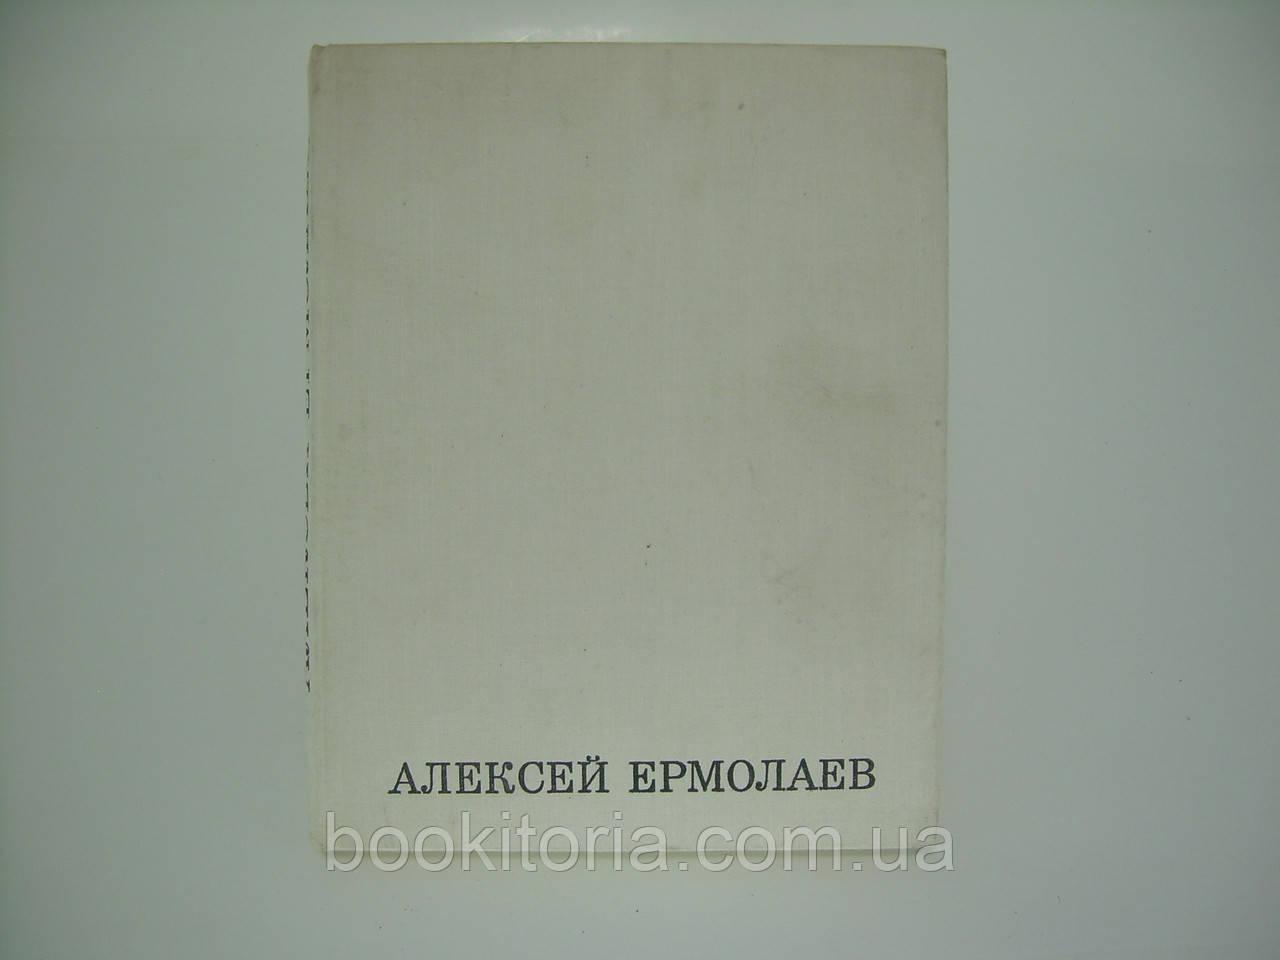 Ермолаев А. Сборник статей (б/у).